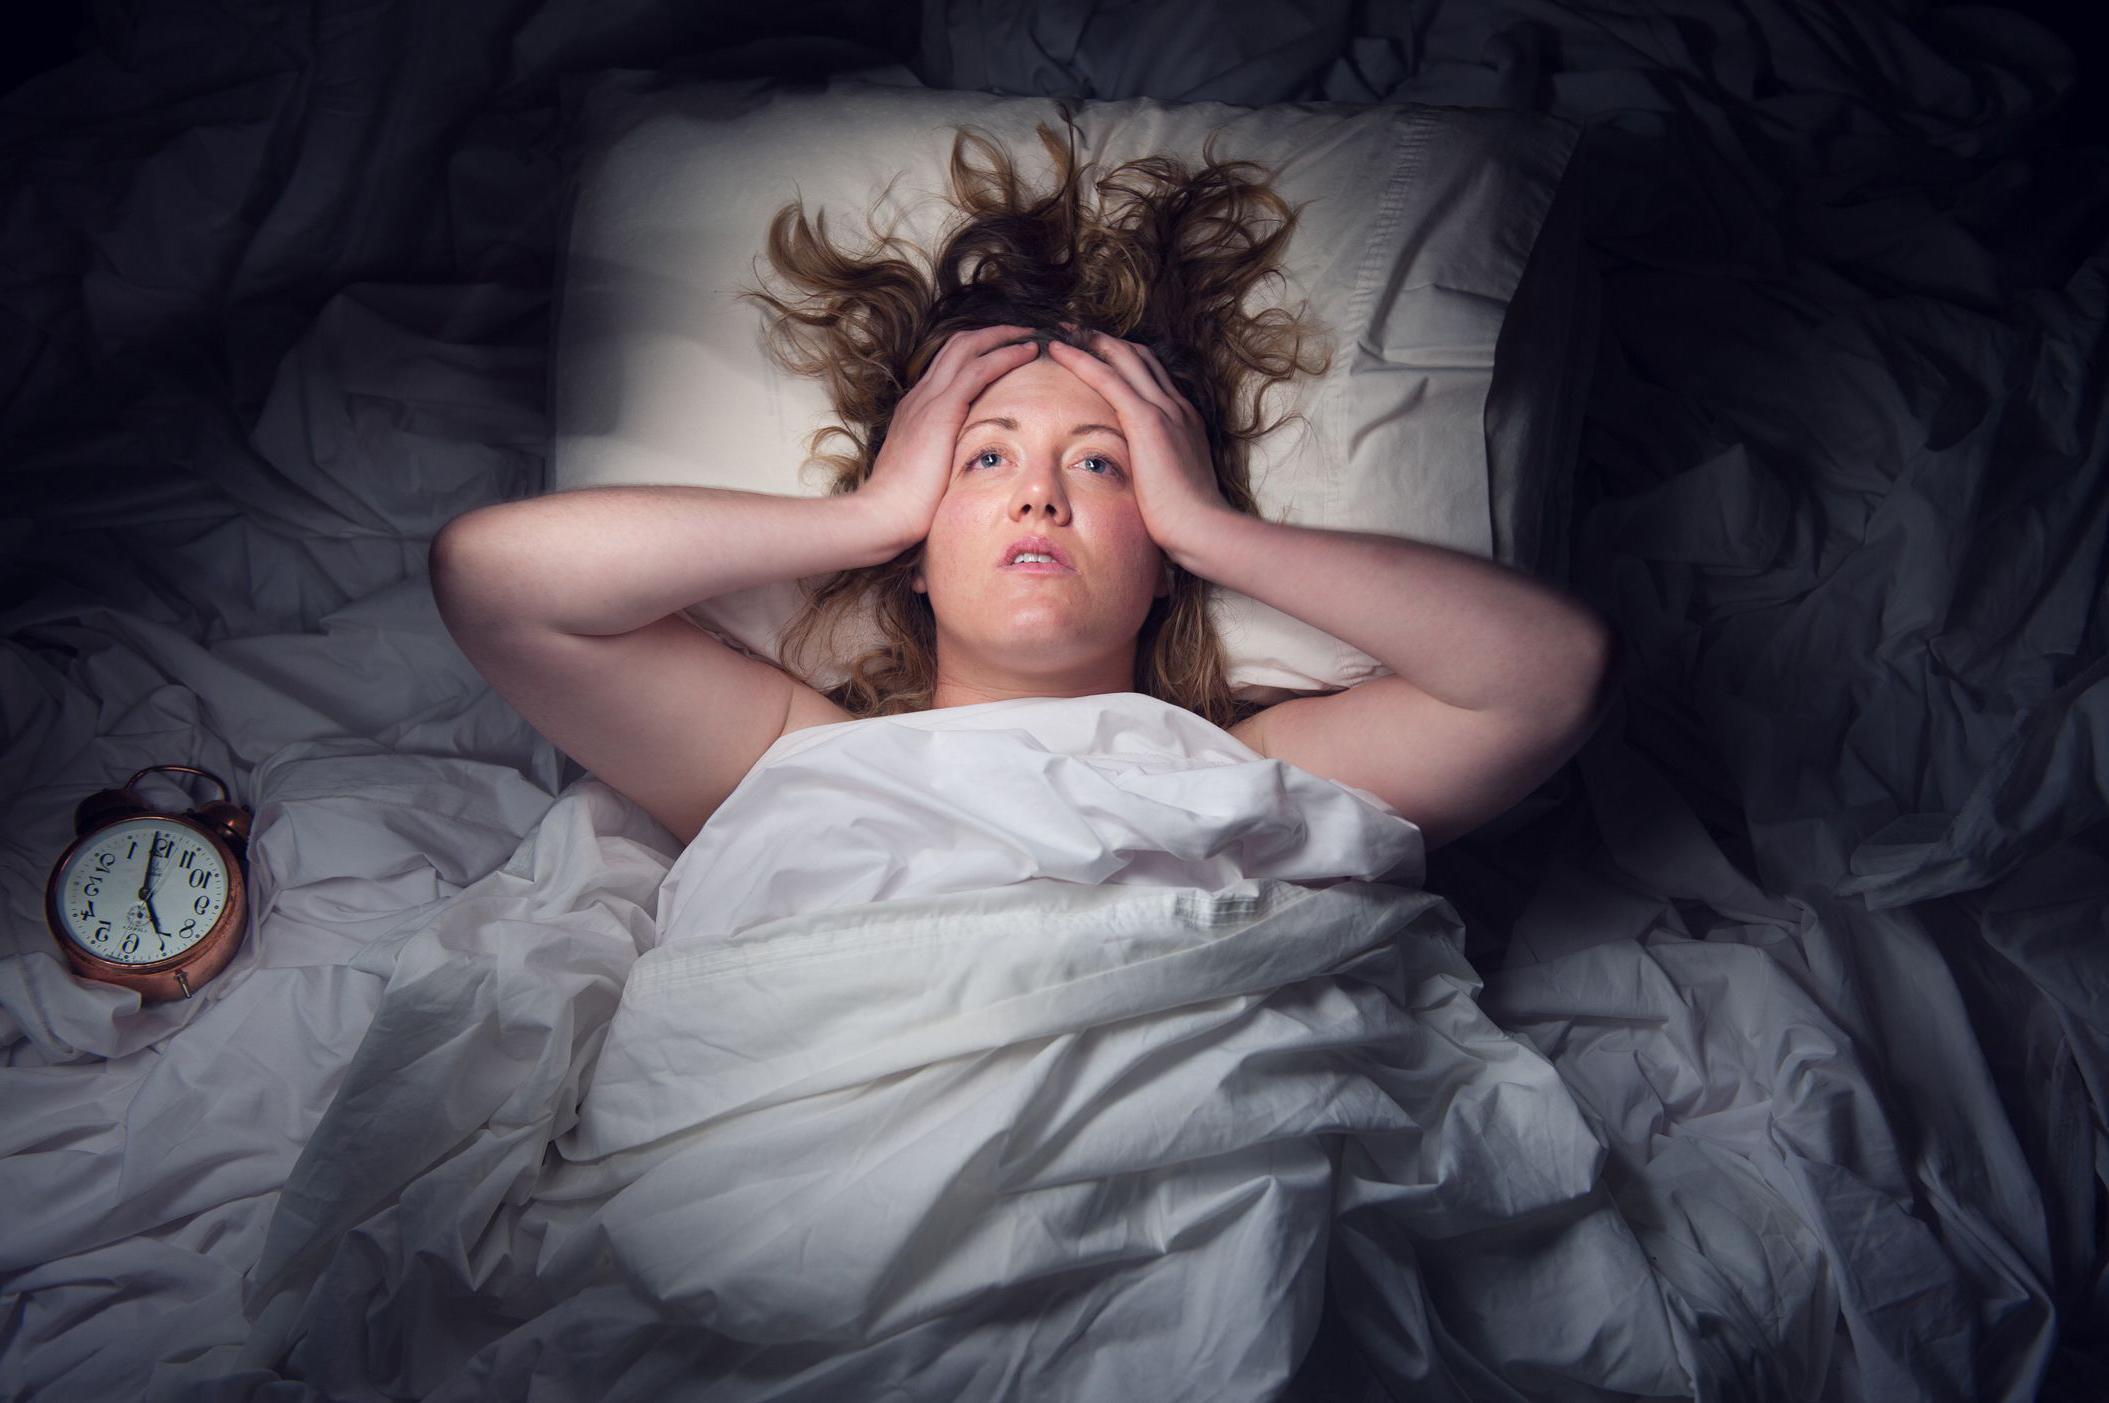 Почему возникает бессонница, и как с ней справиться при депрессии?